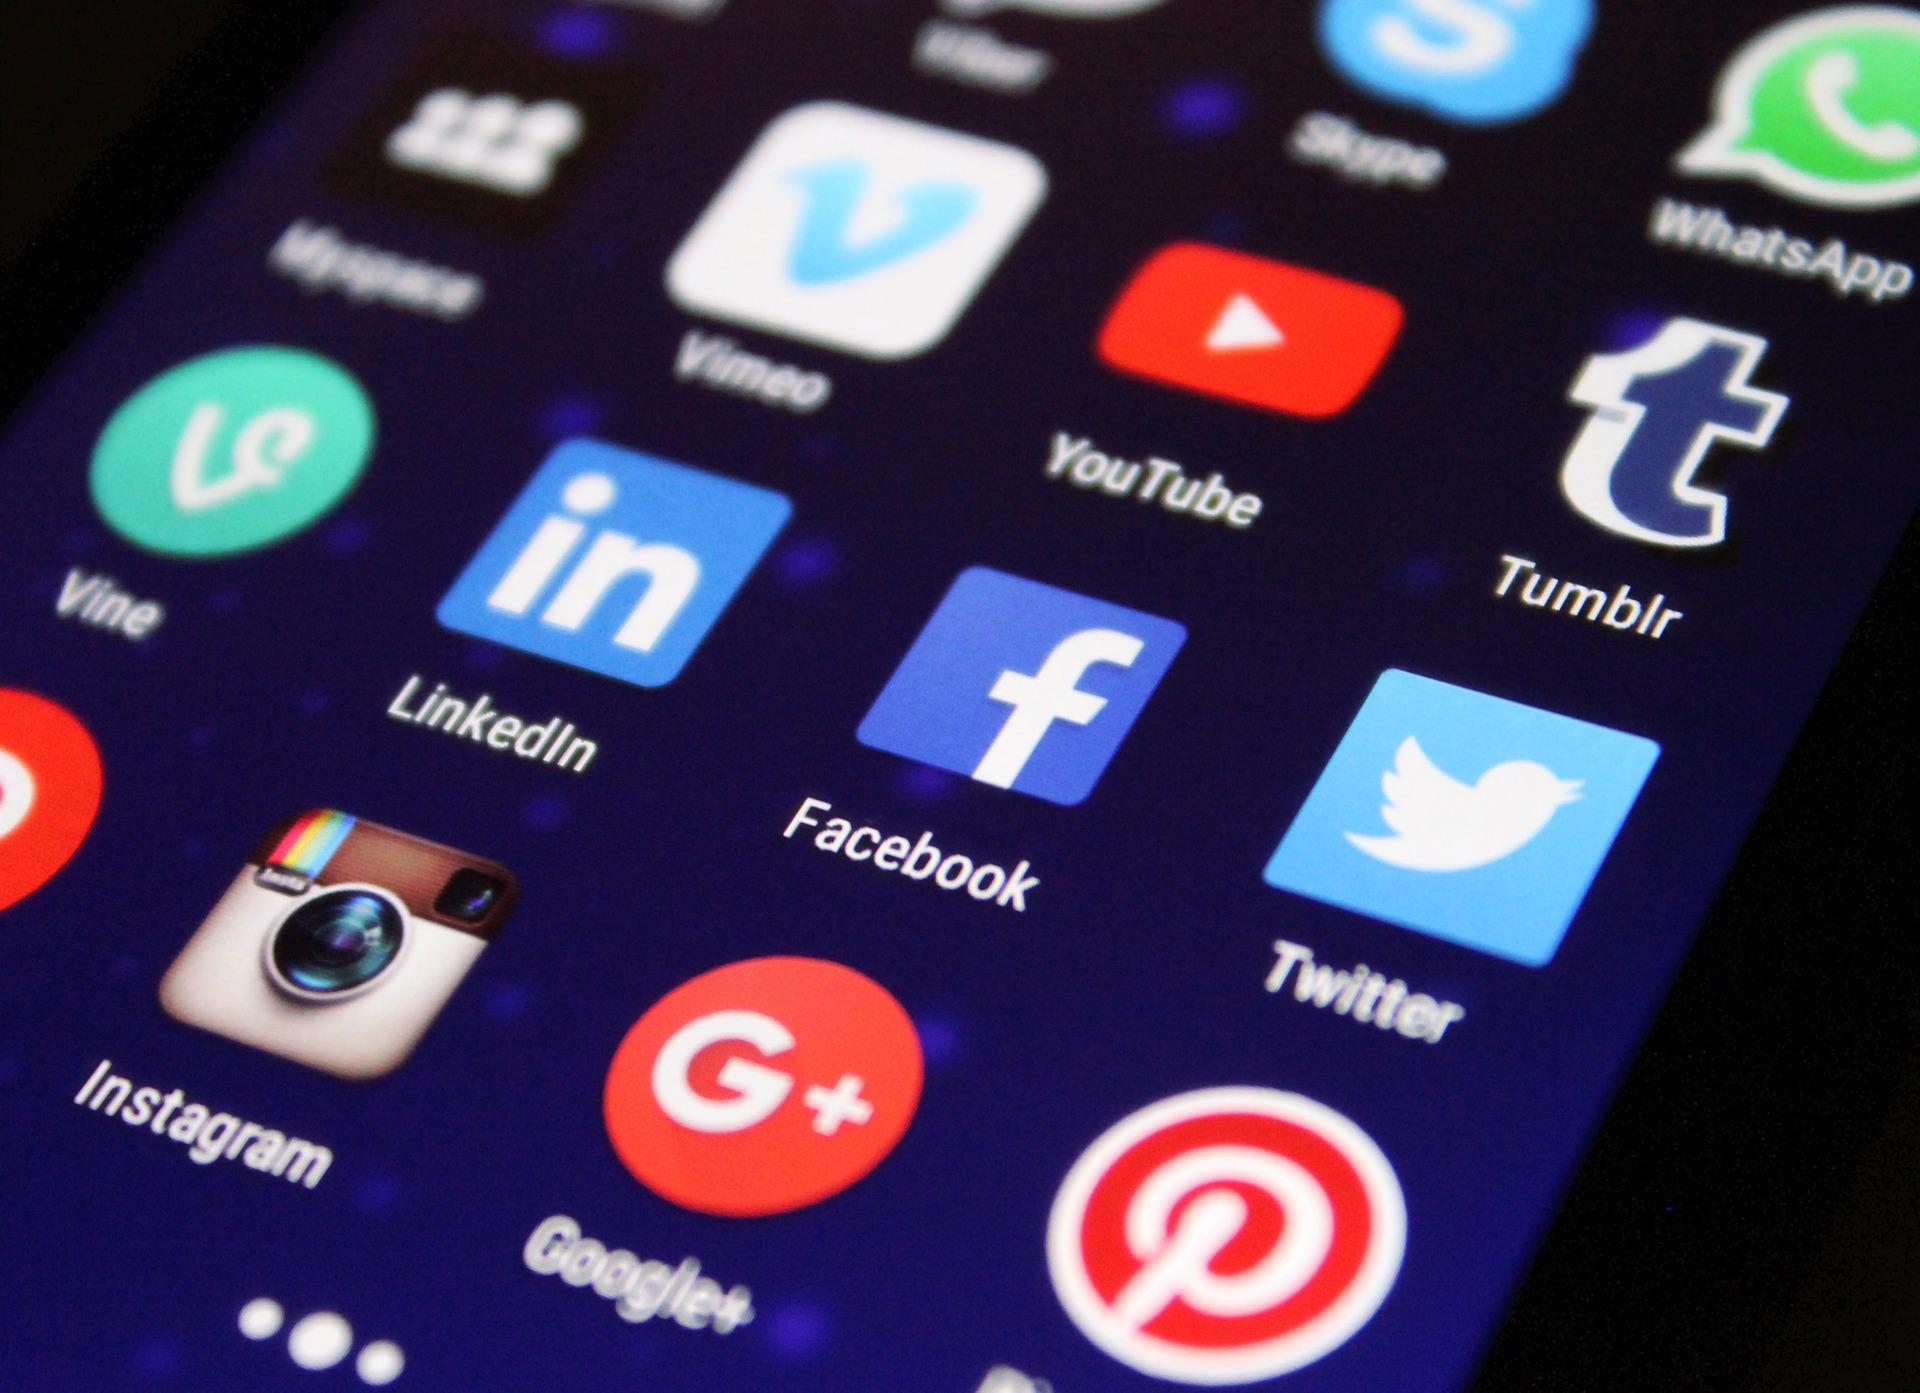 iconos redes sociales, uso memes en cuentas oficiales, contenido web, marketing digital